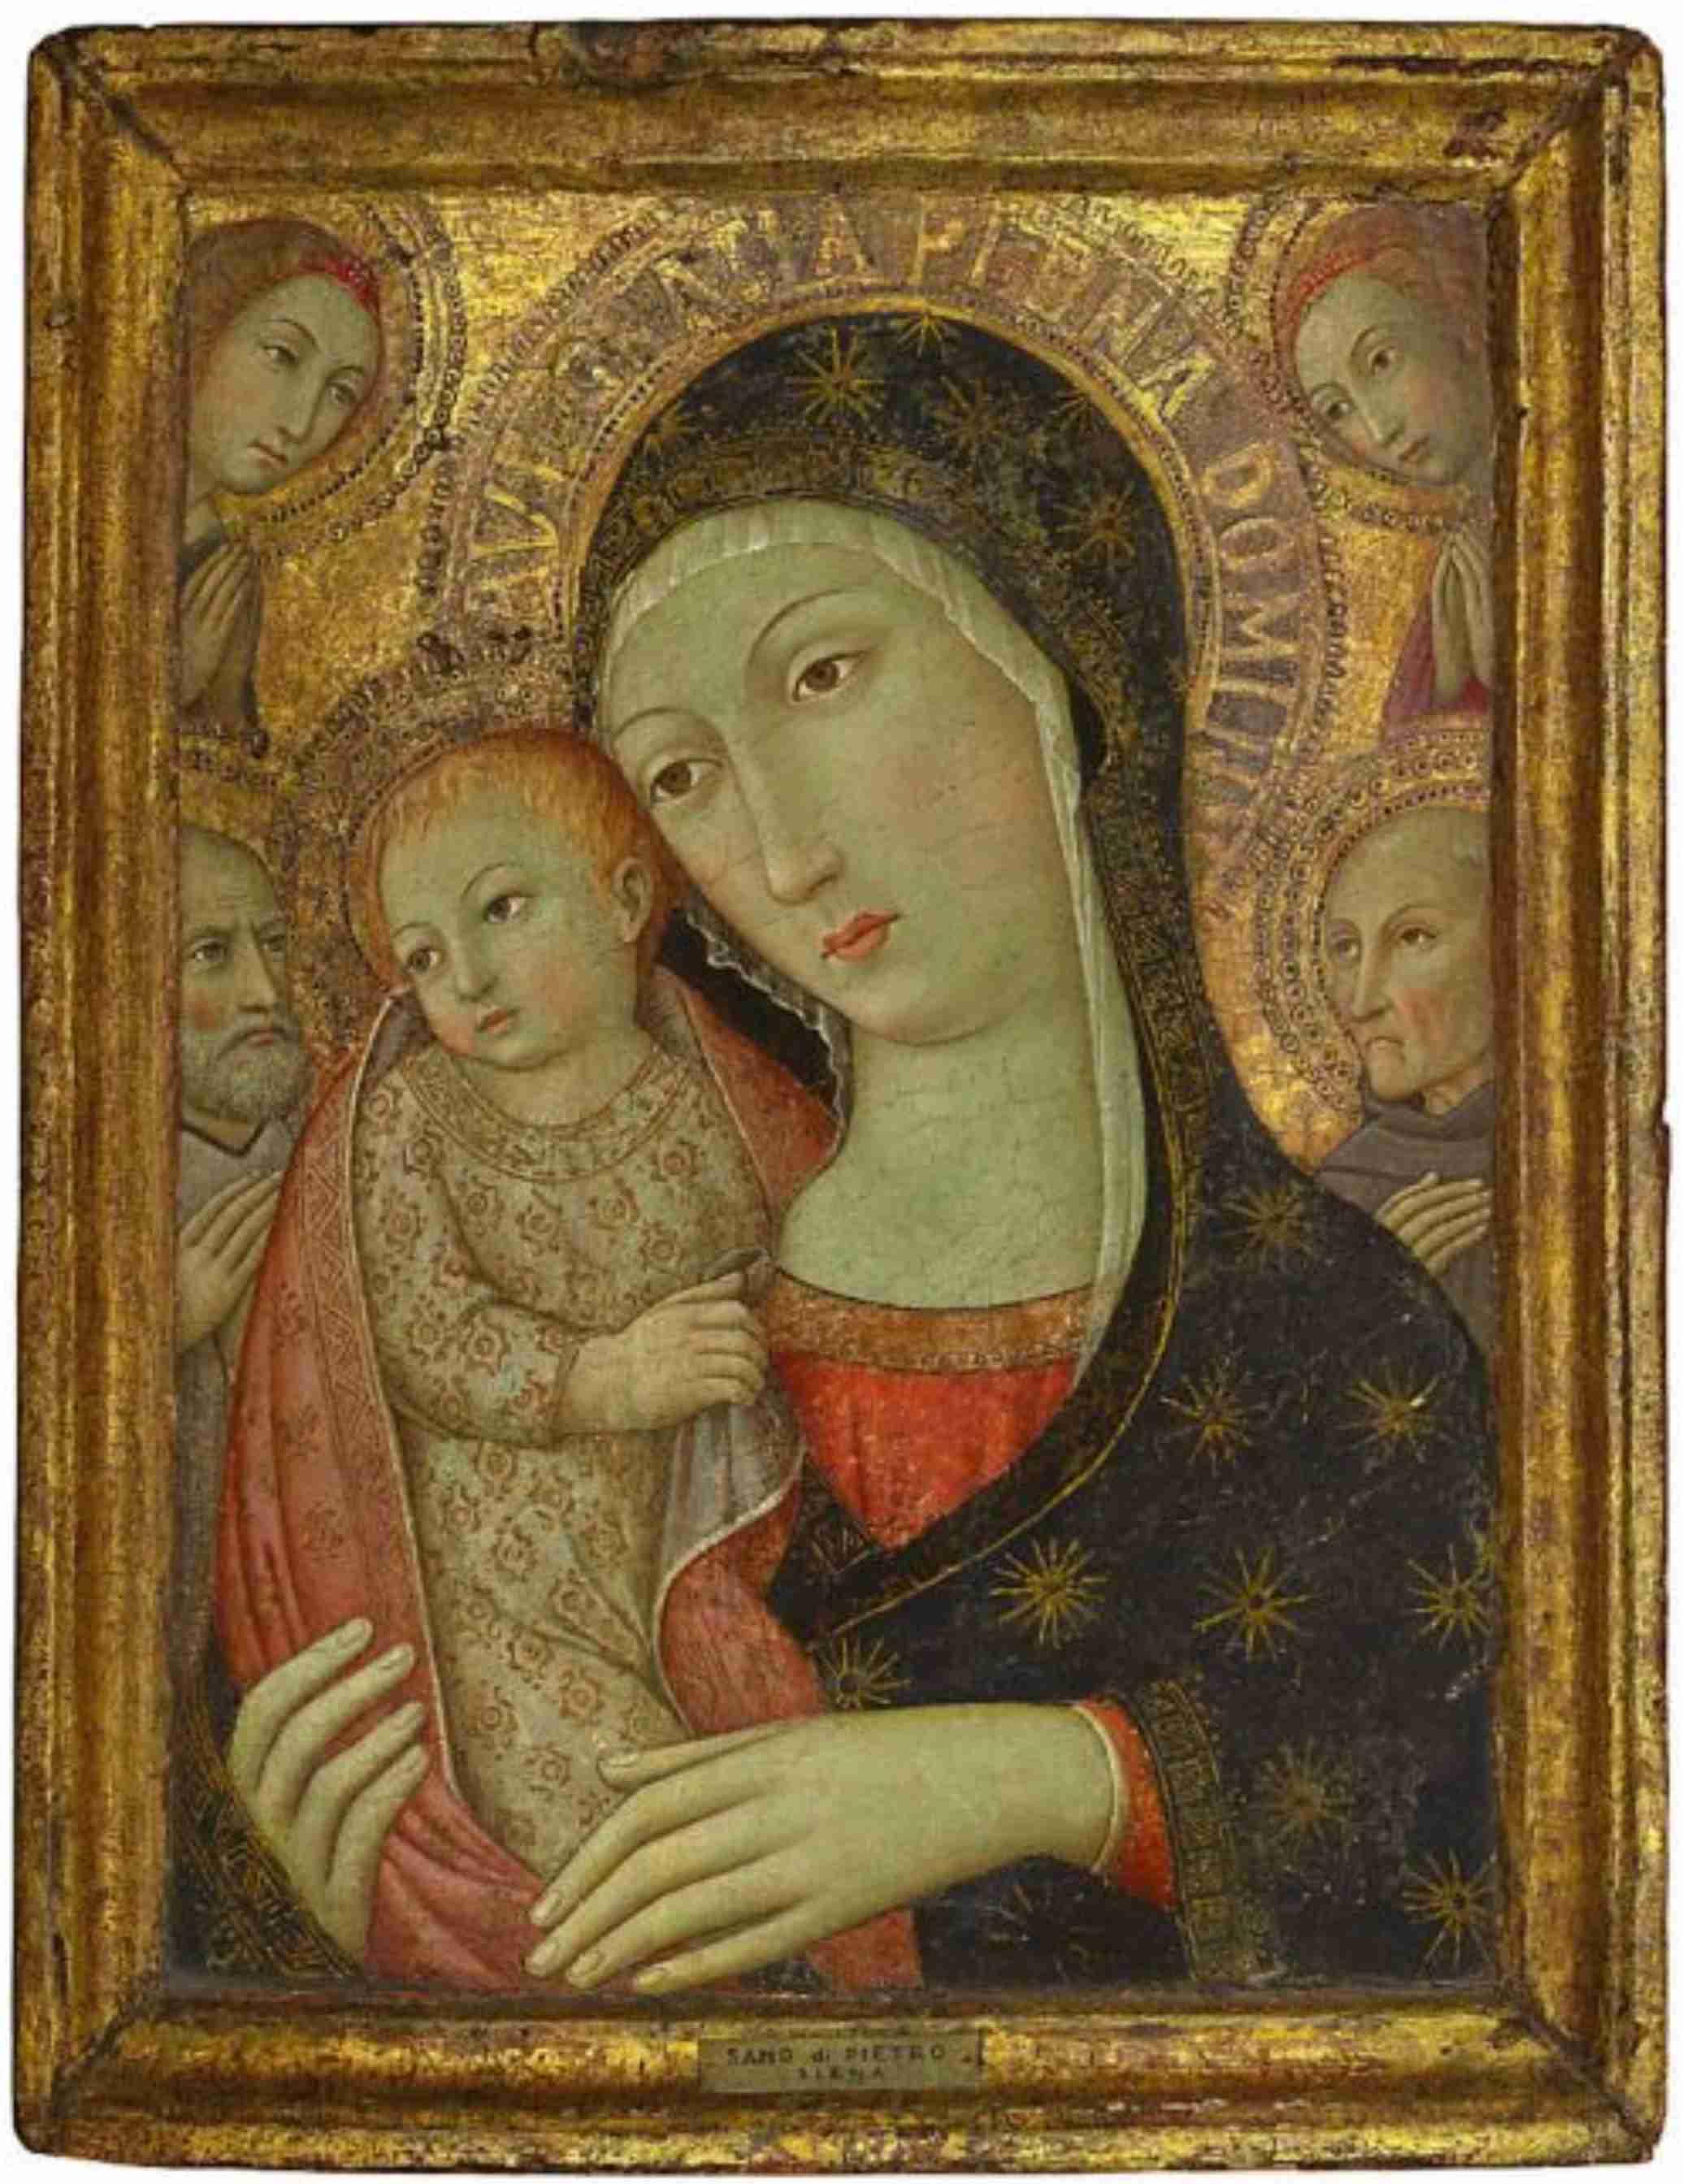 Sano di Pietro (Siena 1406-1481),The Madonna and Child with Saint Bernardino of Siena